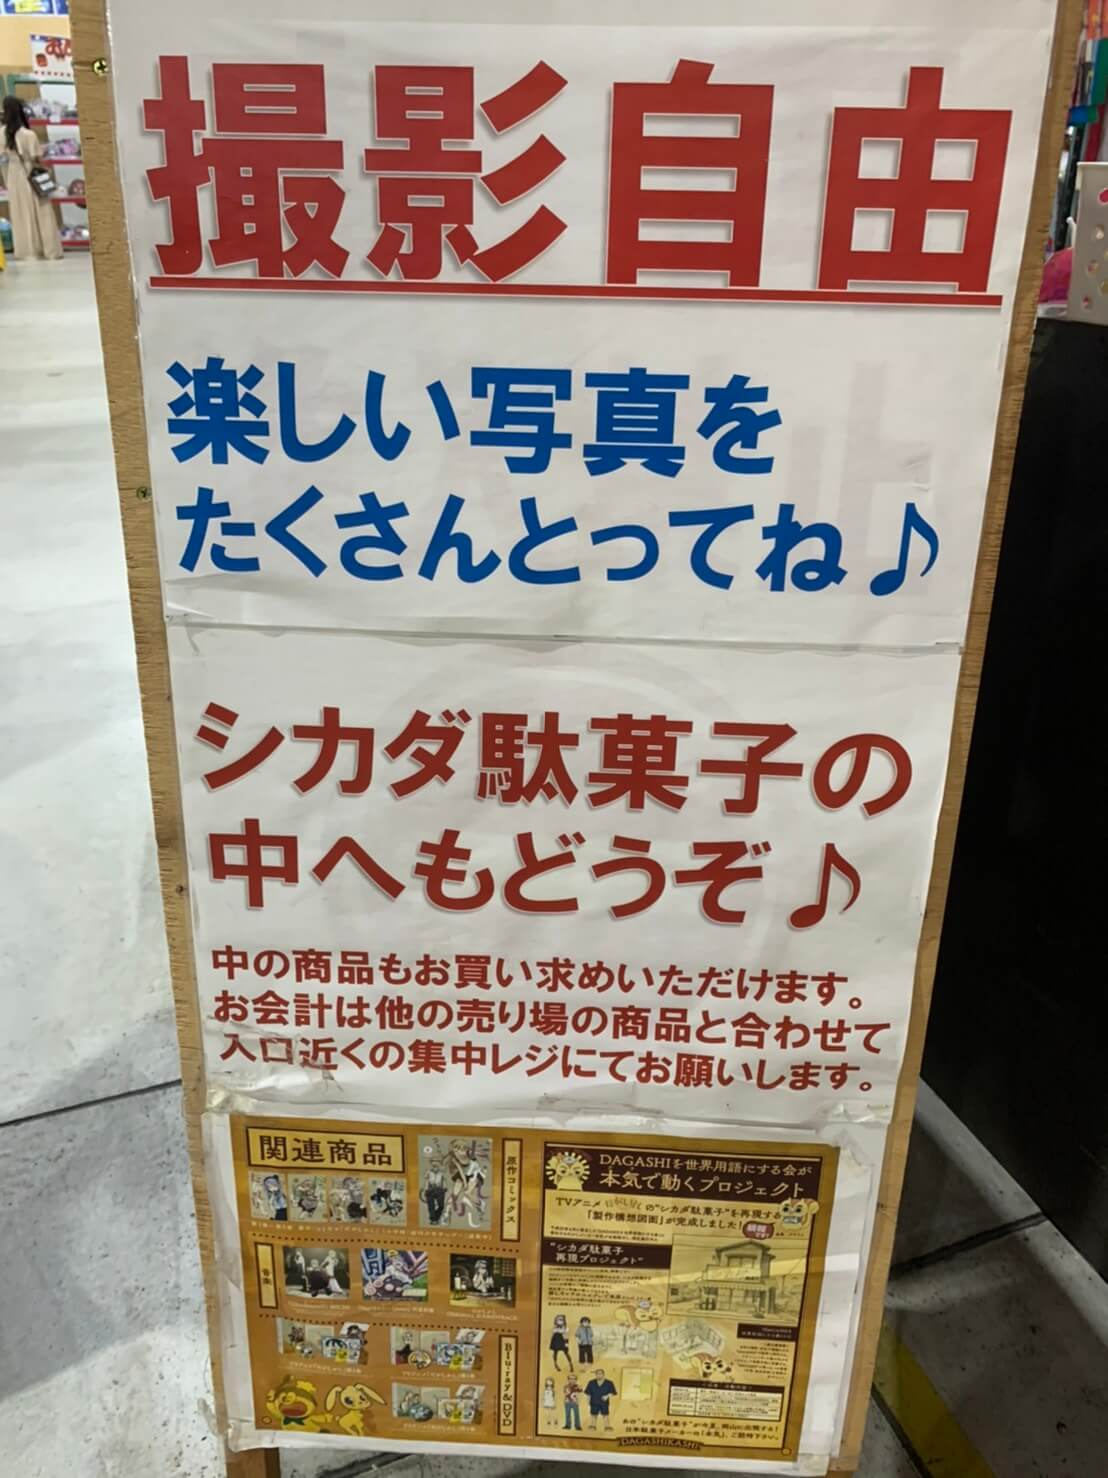 日本一のだがし売場撮影自由